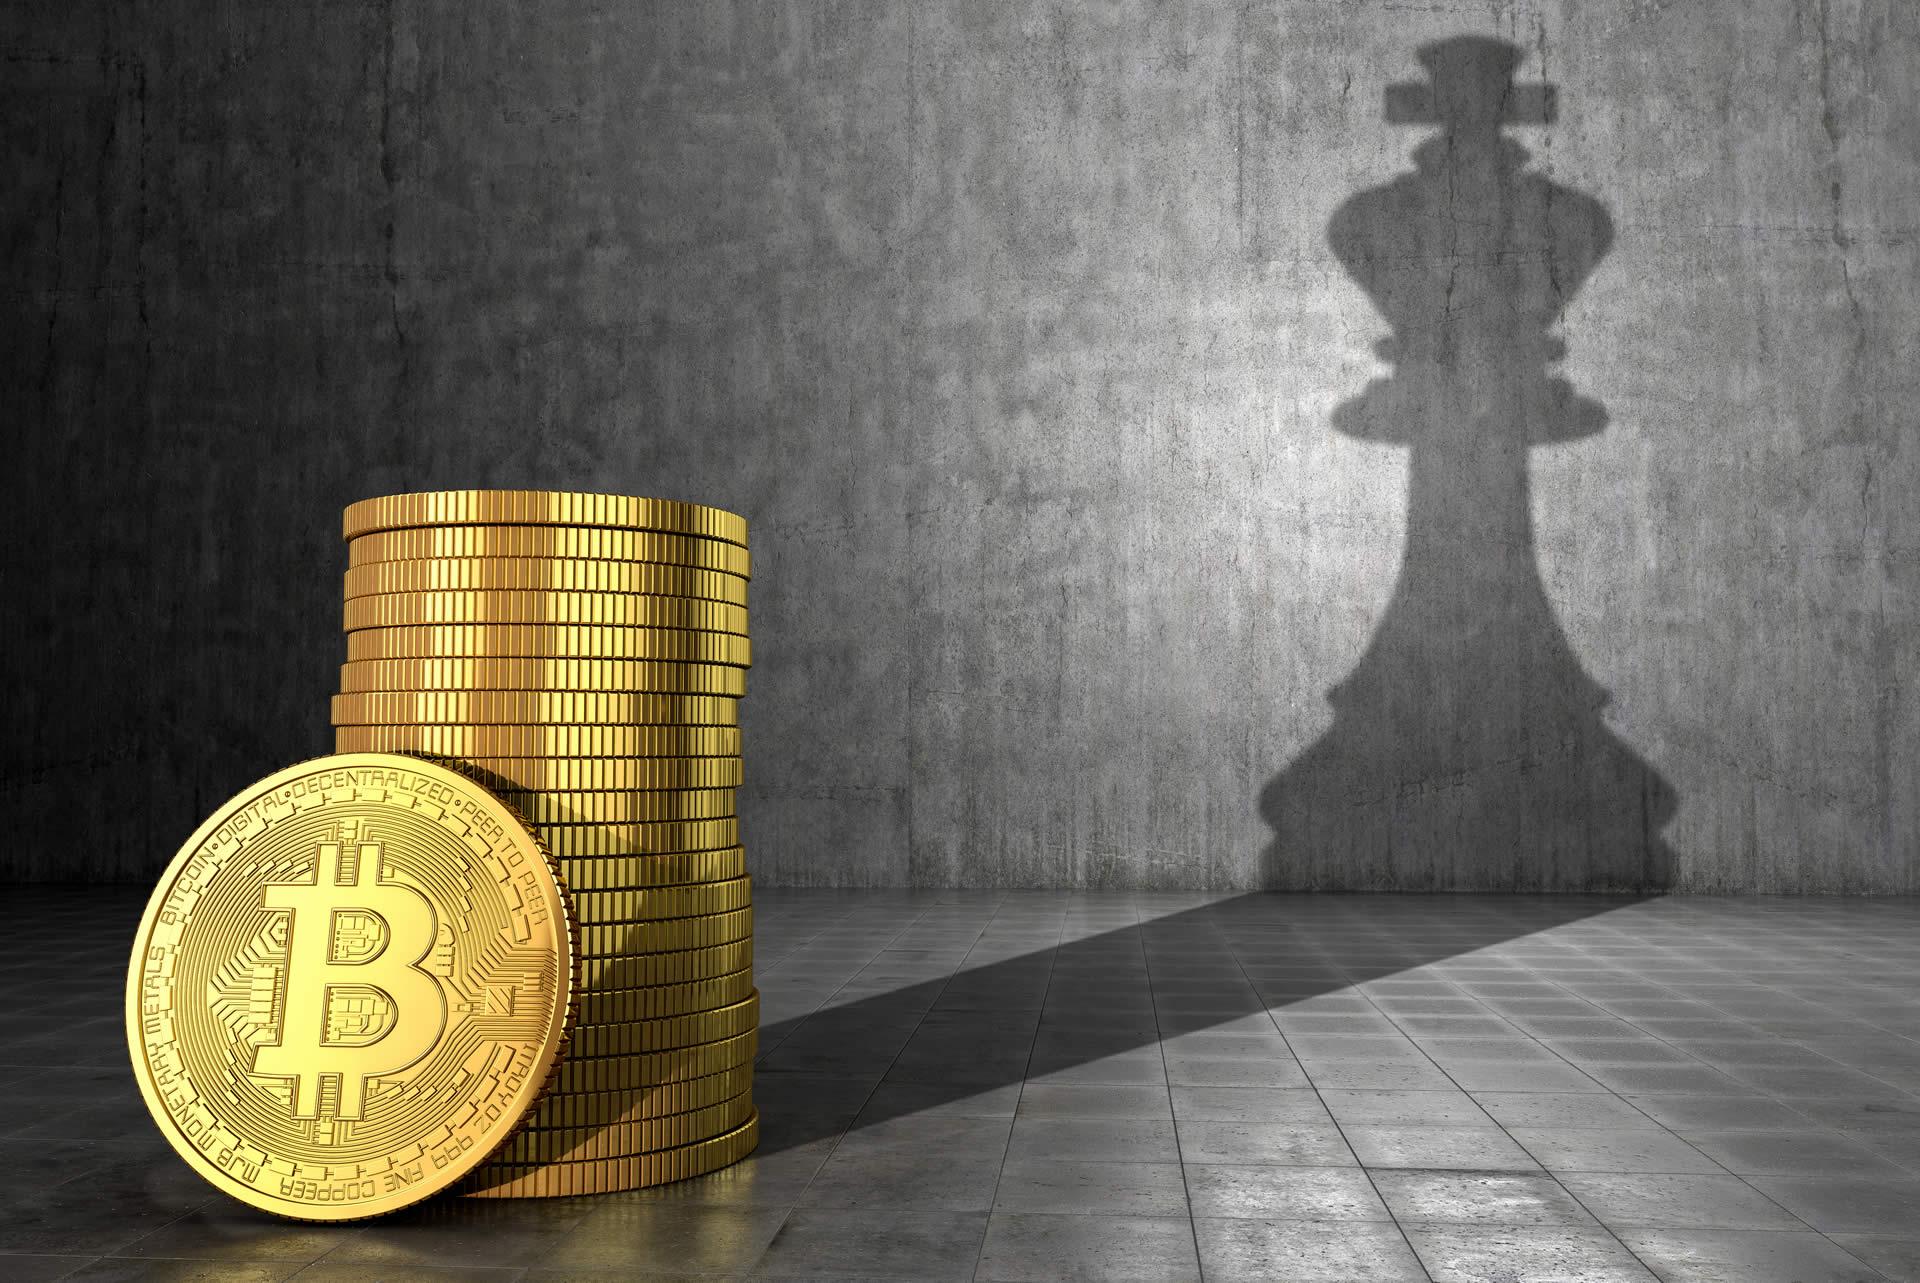 Investidor veterano: o bitcoin poderia valer muito mais sem Altcoins